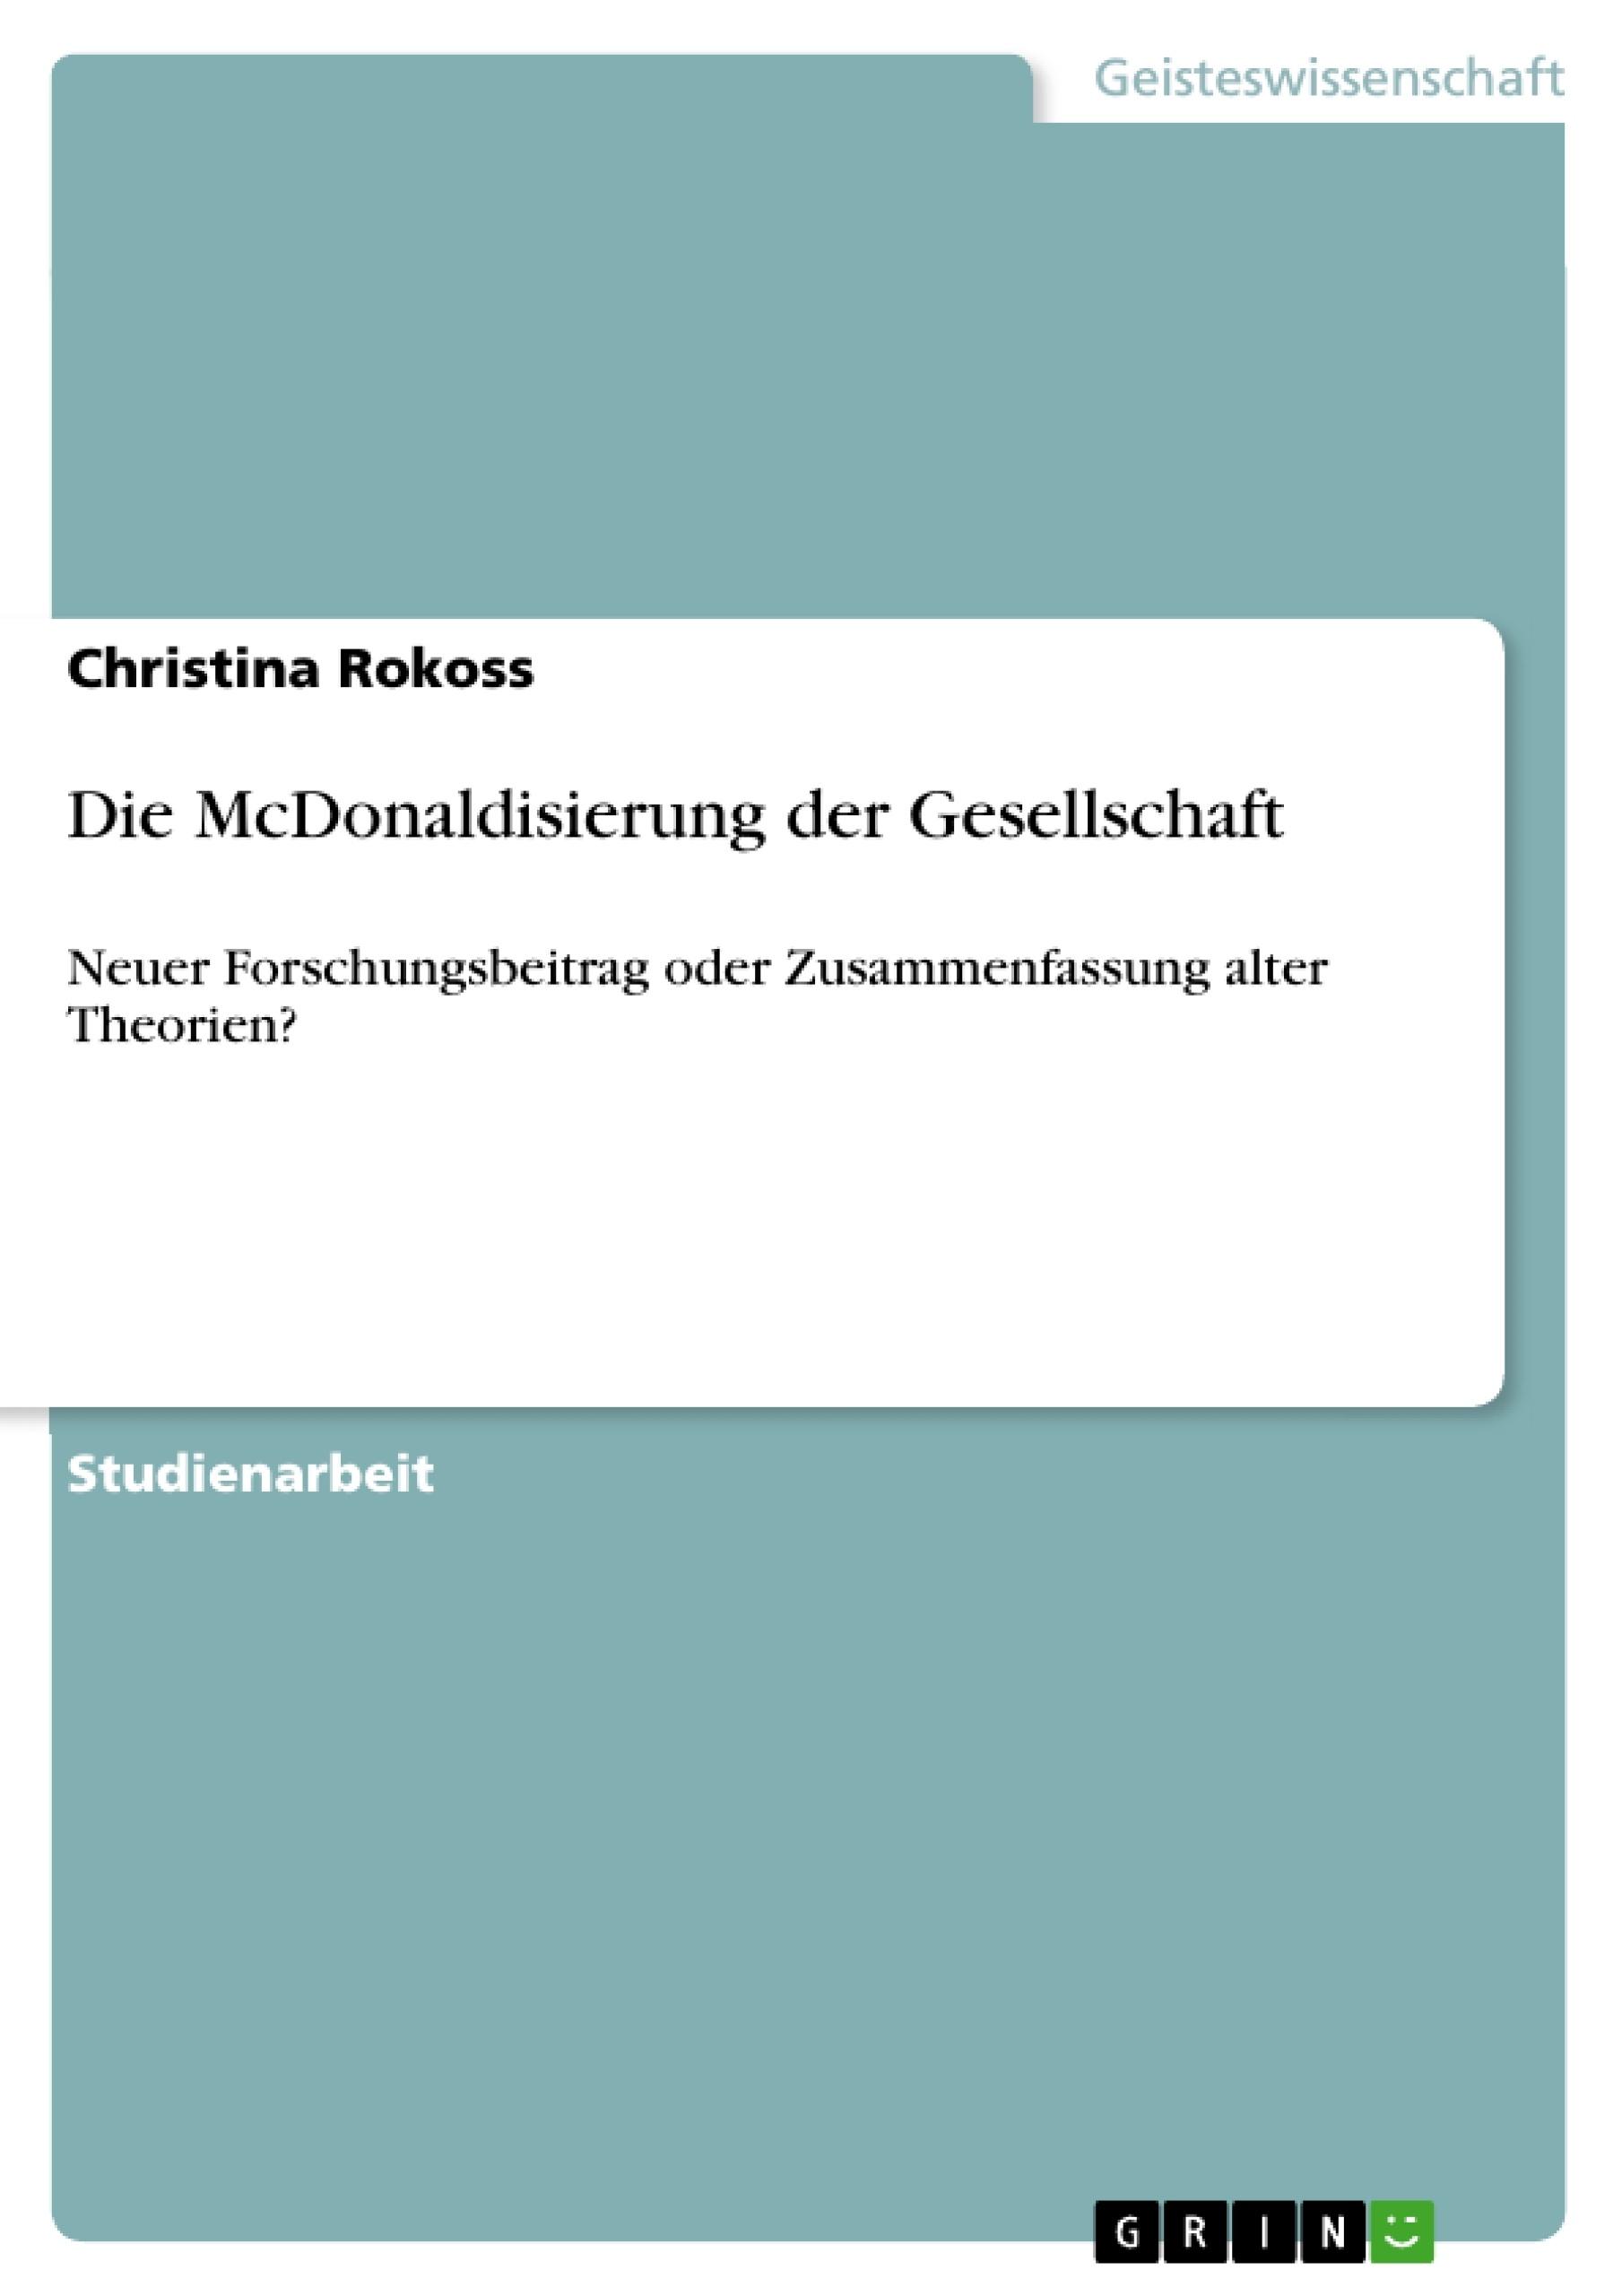 Titel: Die McDonaldisierung der Gesellschaft